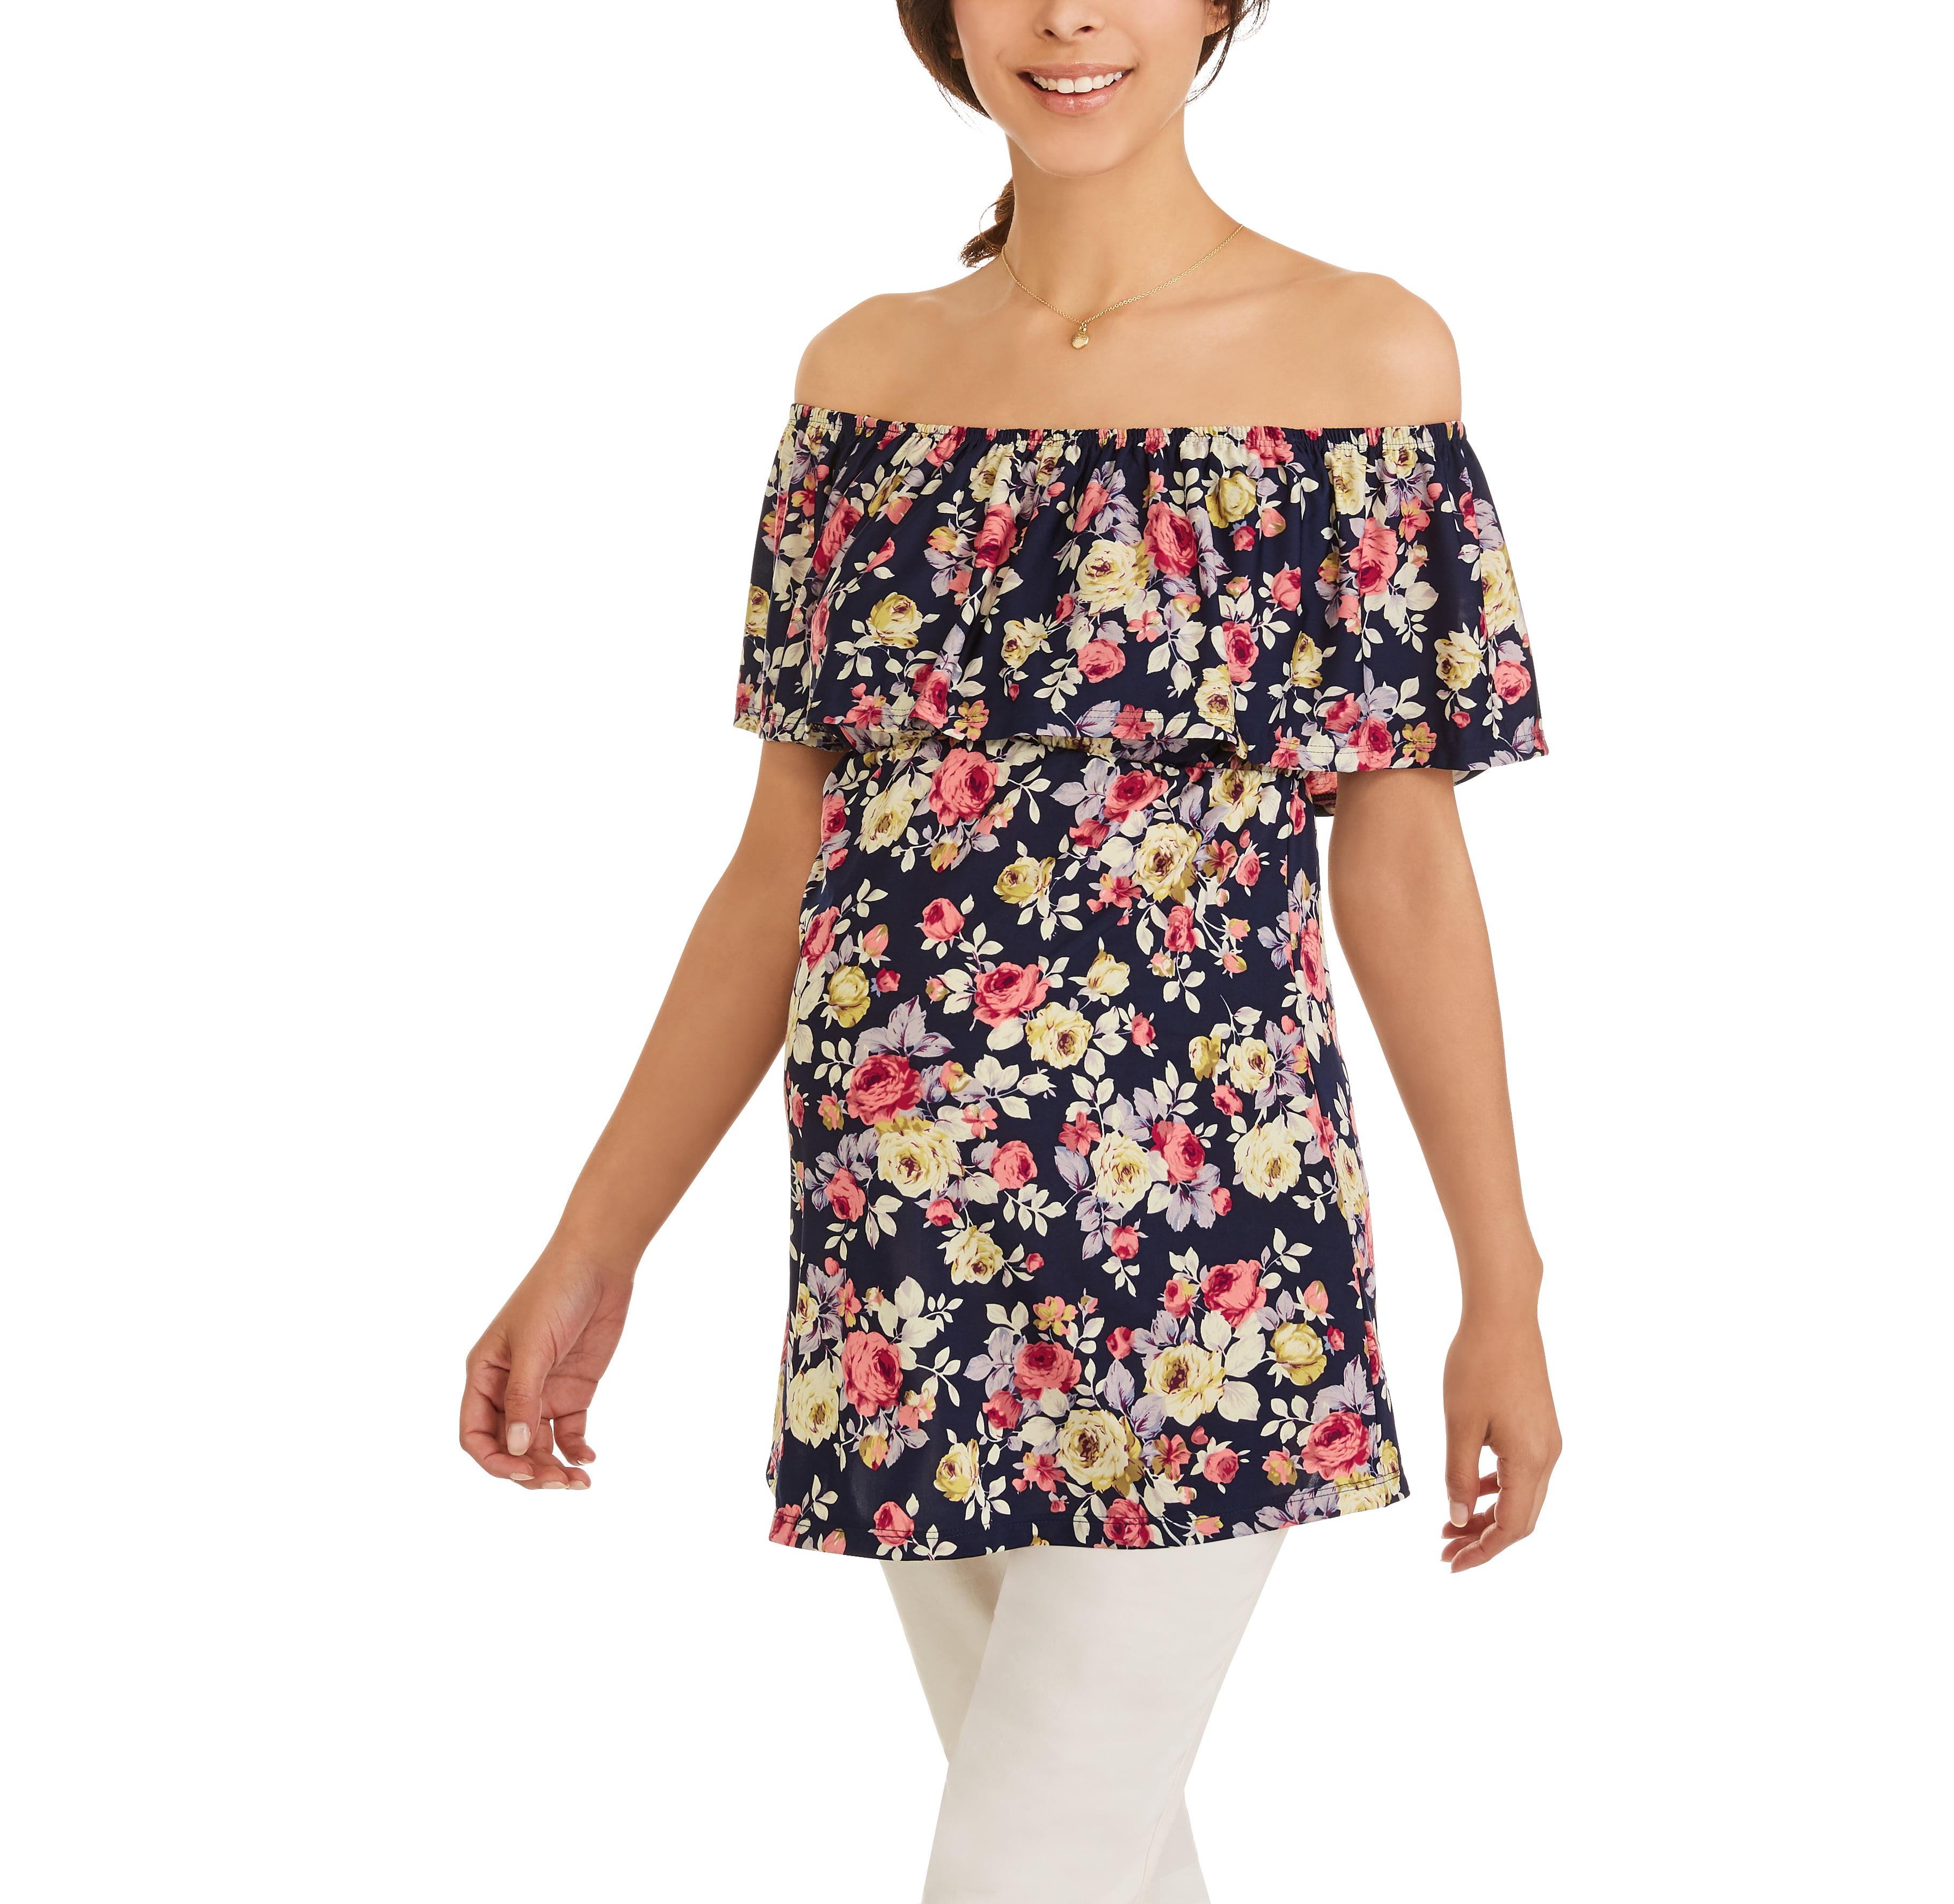 Planet Motherhood Maternity Short Sleeve Off Shoulder Floral Top